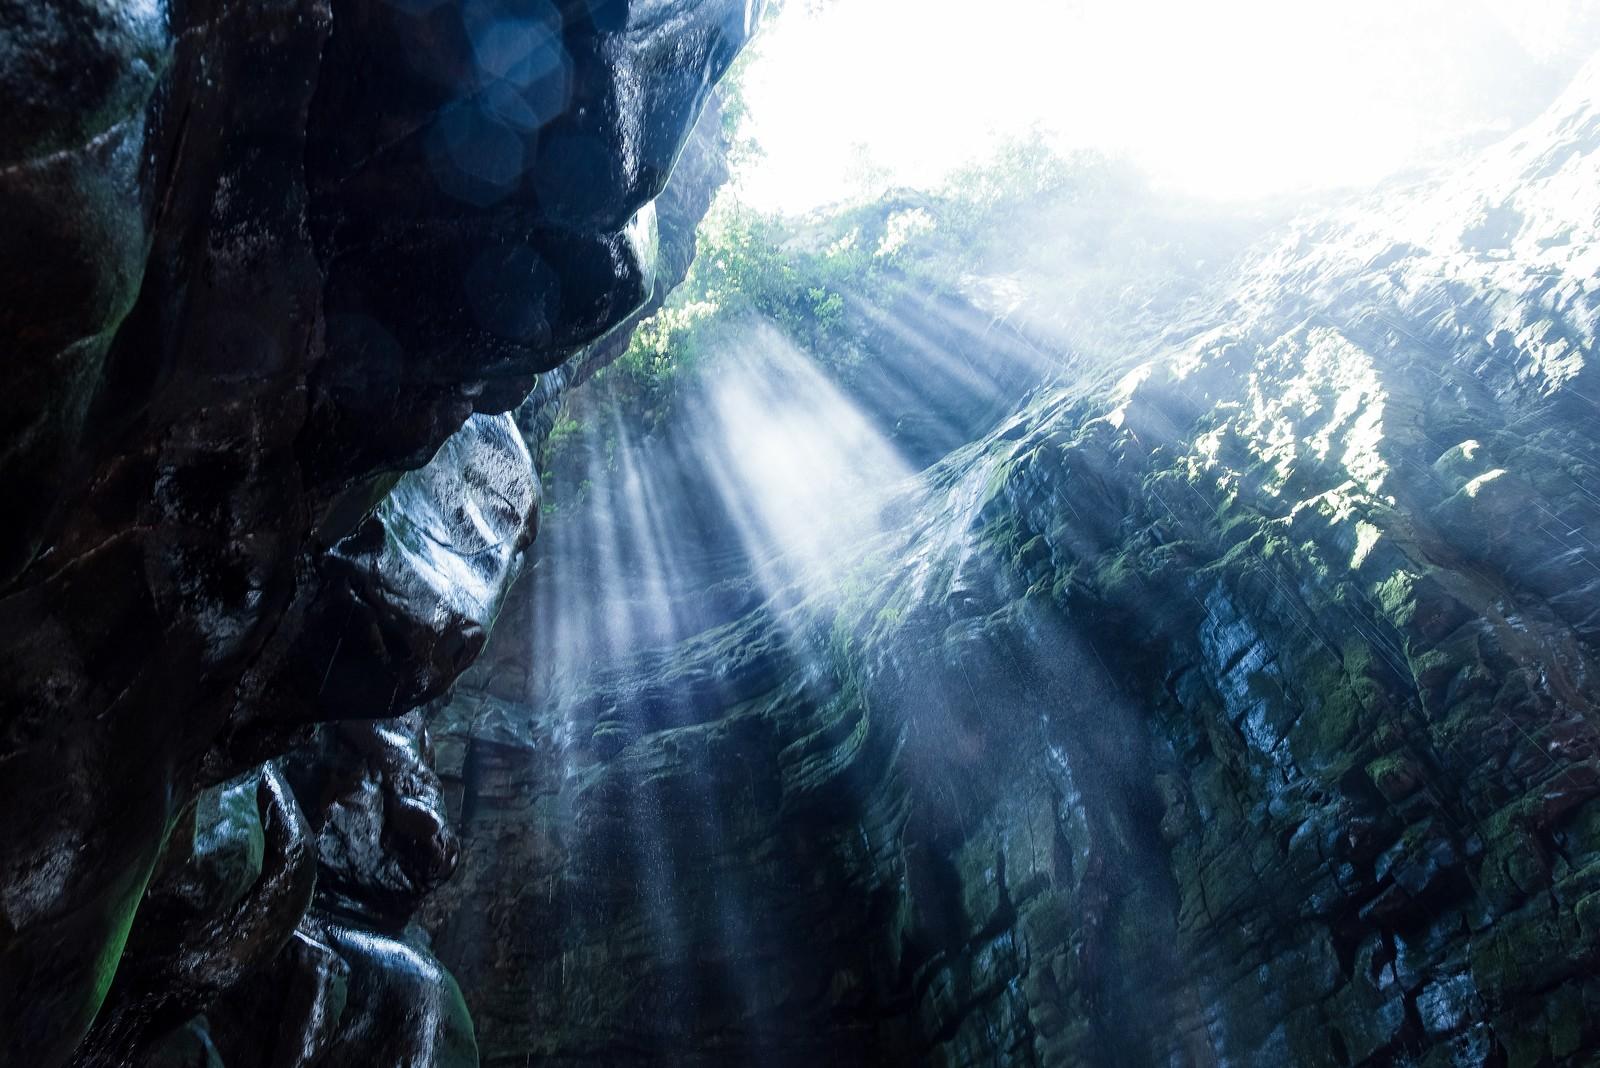 ドラセナ アクアテラリウム 洞窟 60cm 水槽 LED ライト 暗い 成長 植物 飼育 植える ヒメ コリウス レイアウト